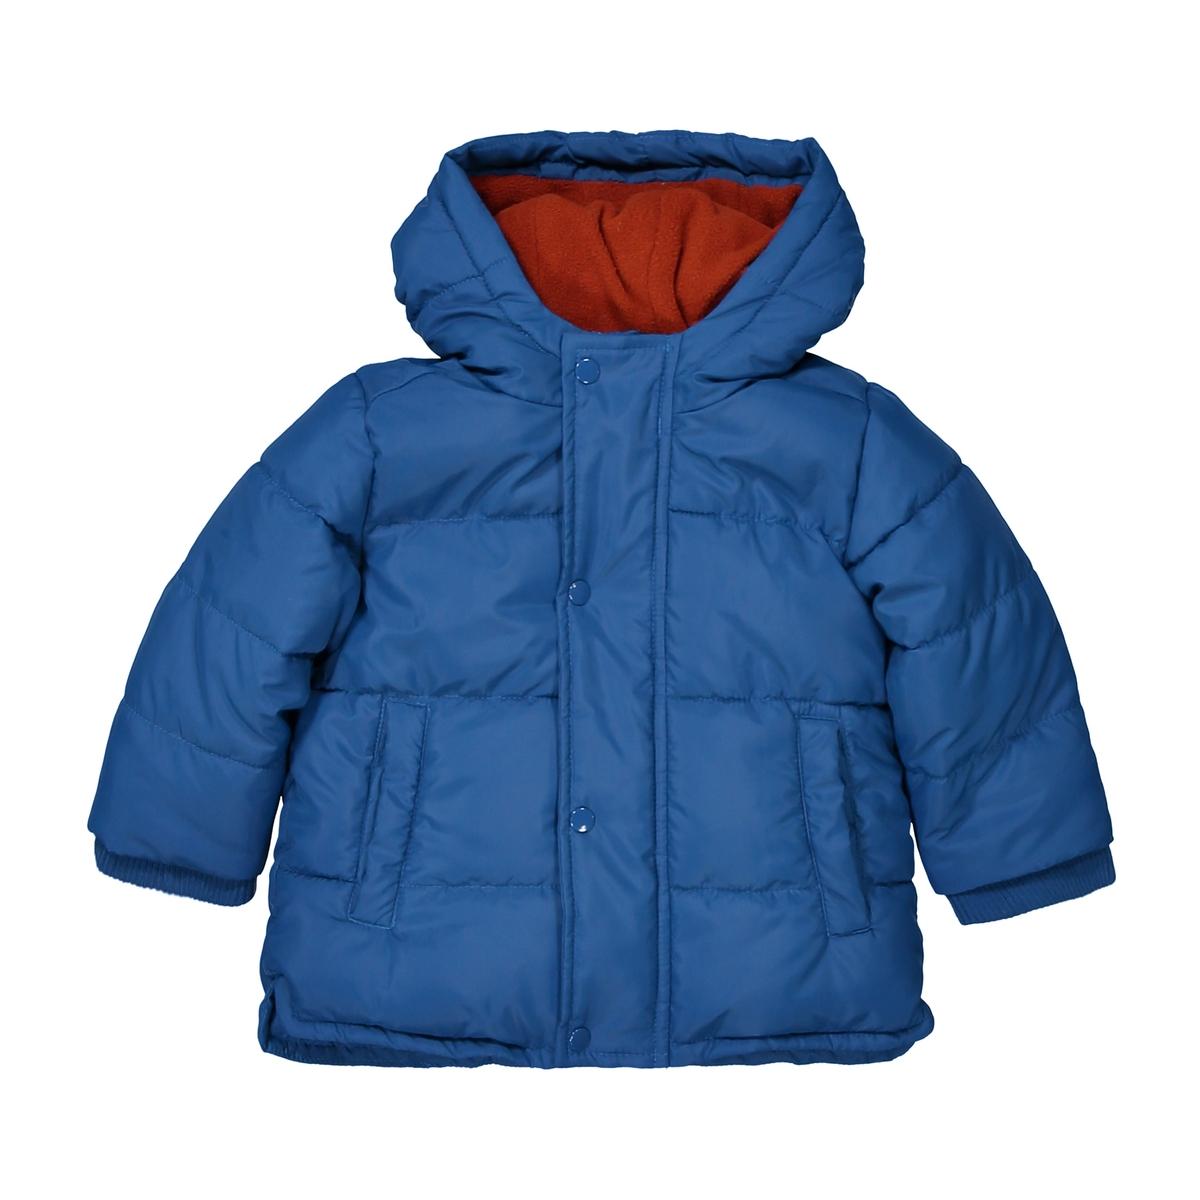 Куртка La Redoute С капюшоном мес - года 6 мес. - 67 см синий шорты la redoute с рисунком мес года 6 мес 67 см синий